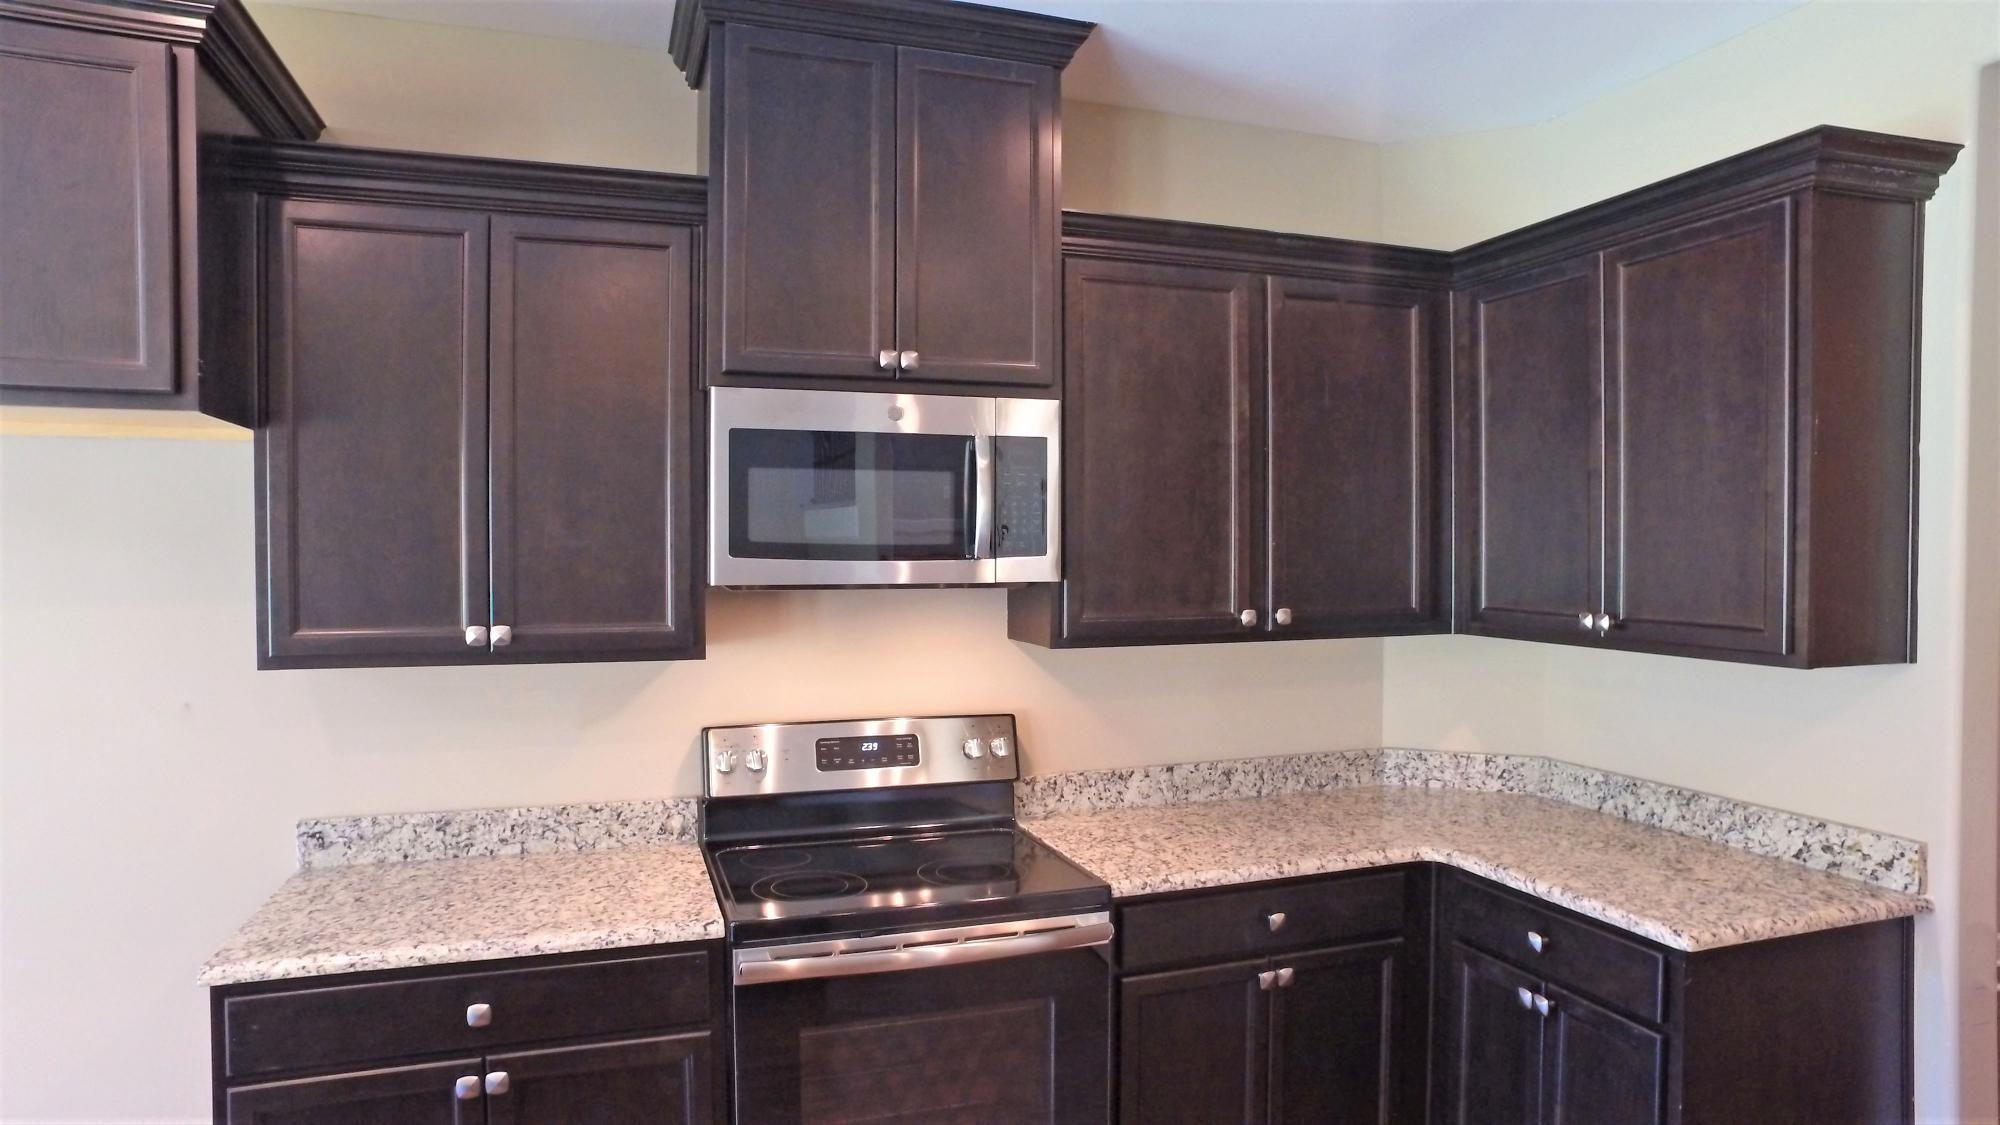 Kitchen featured in the Bradley By Regency Homebuilders in Memphis, TN